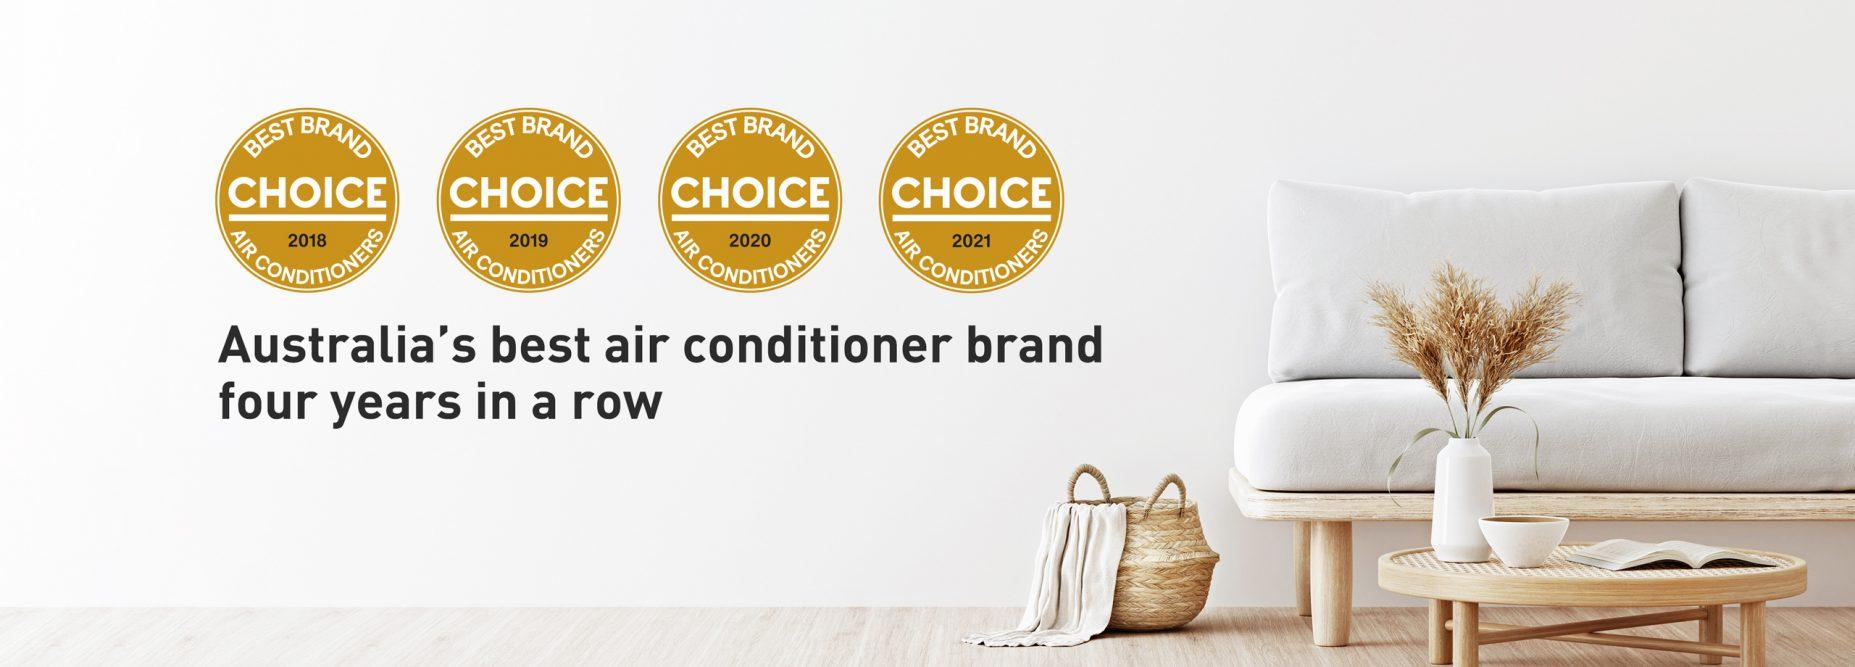 choice best brand air conditioner desktop banner